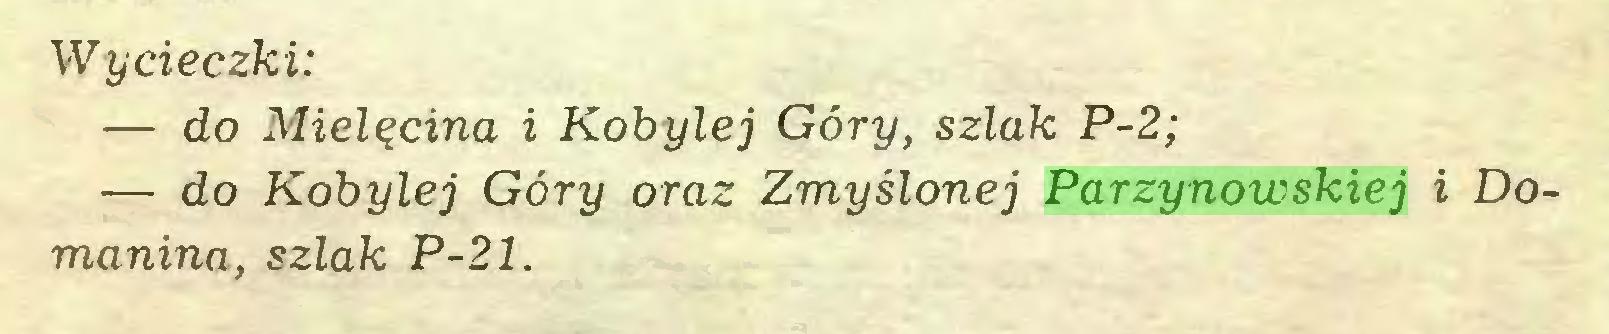 (...) Wycieczki: — do Mielęcina i Kobylej Góry, szlak P-2; — do Kobylej Góry oraz Zmyślonej Parzynowskiej i Domanina, szlak P-21...